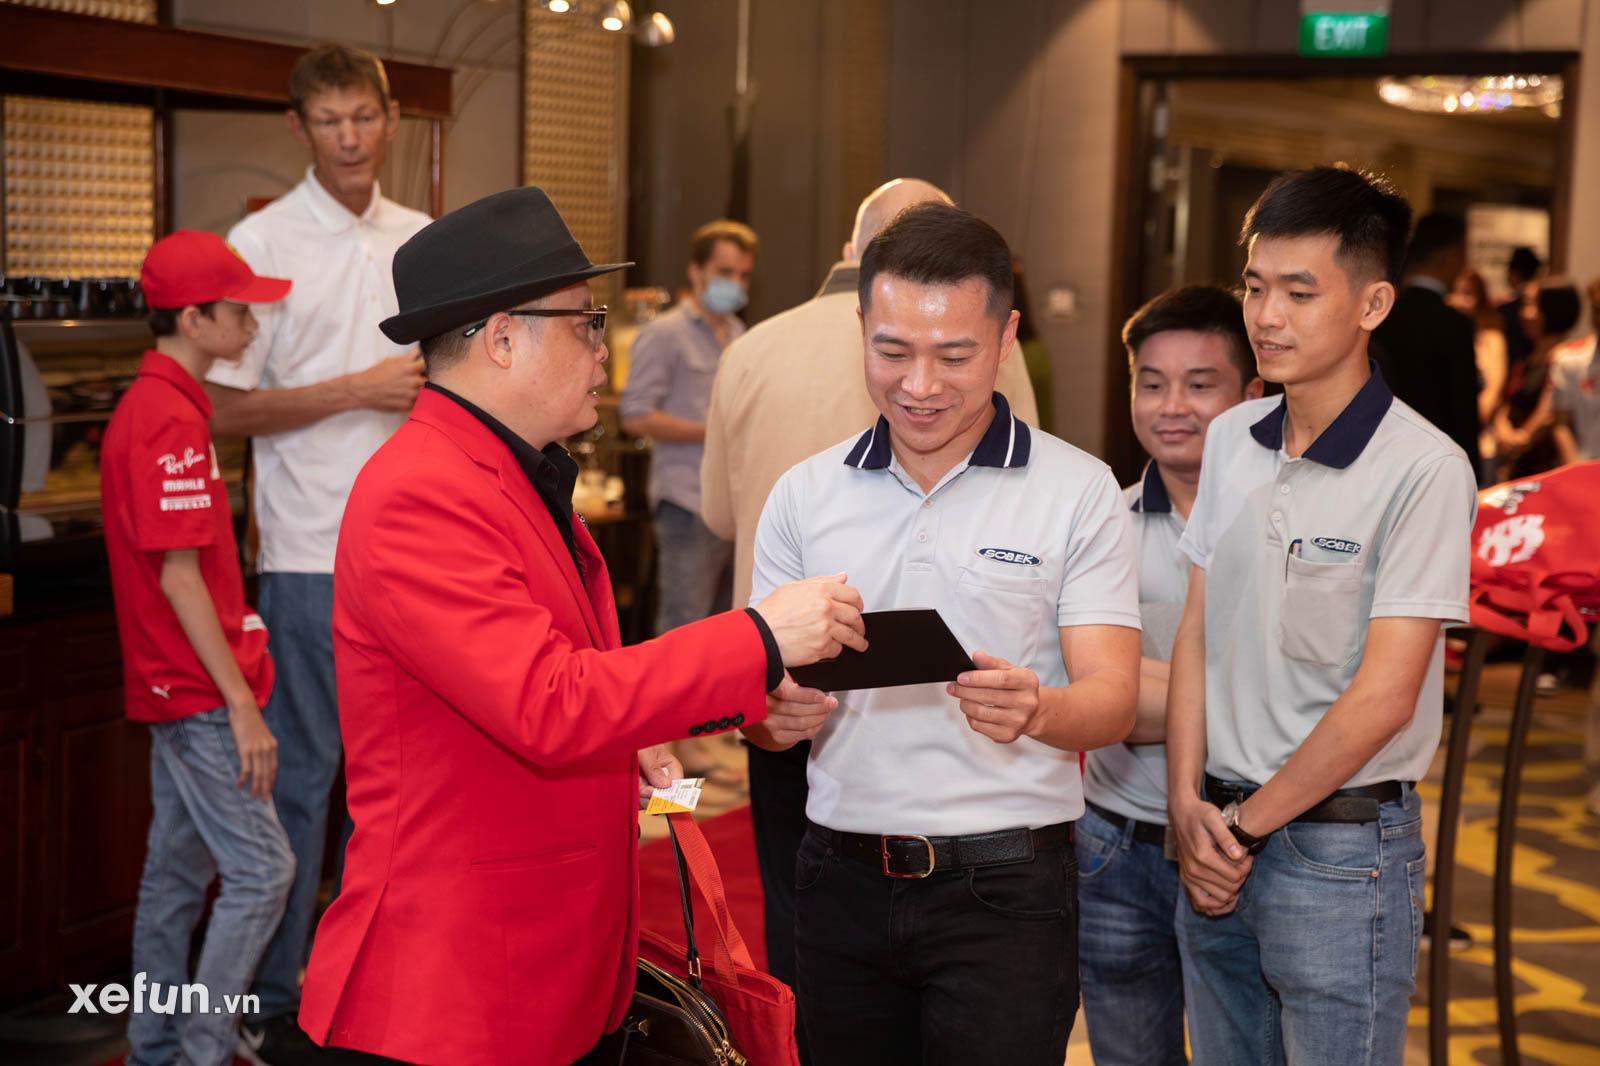 Giải đua Go Kart Southern Open Championship Formula Racing Vietnam trên Xefun (1)47576